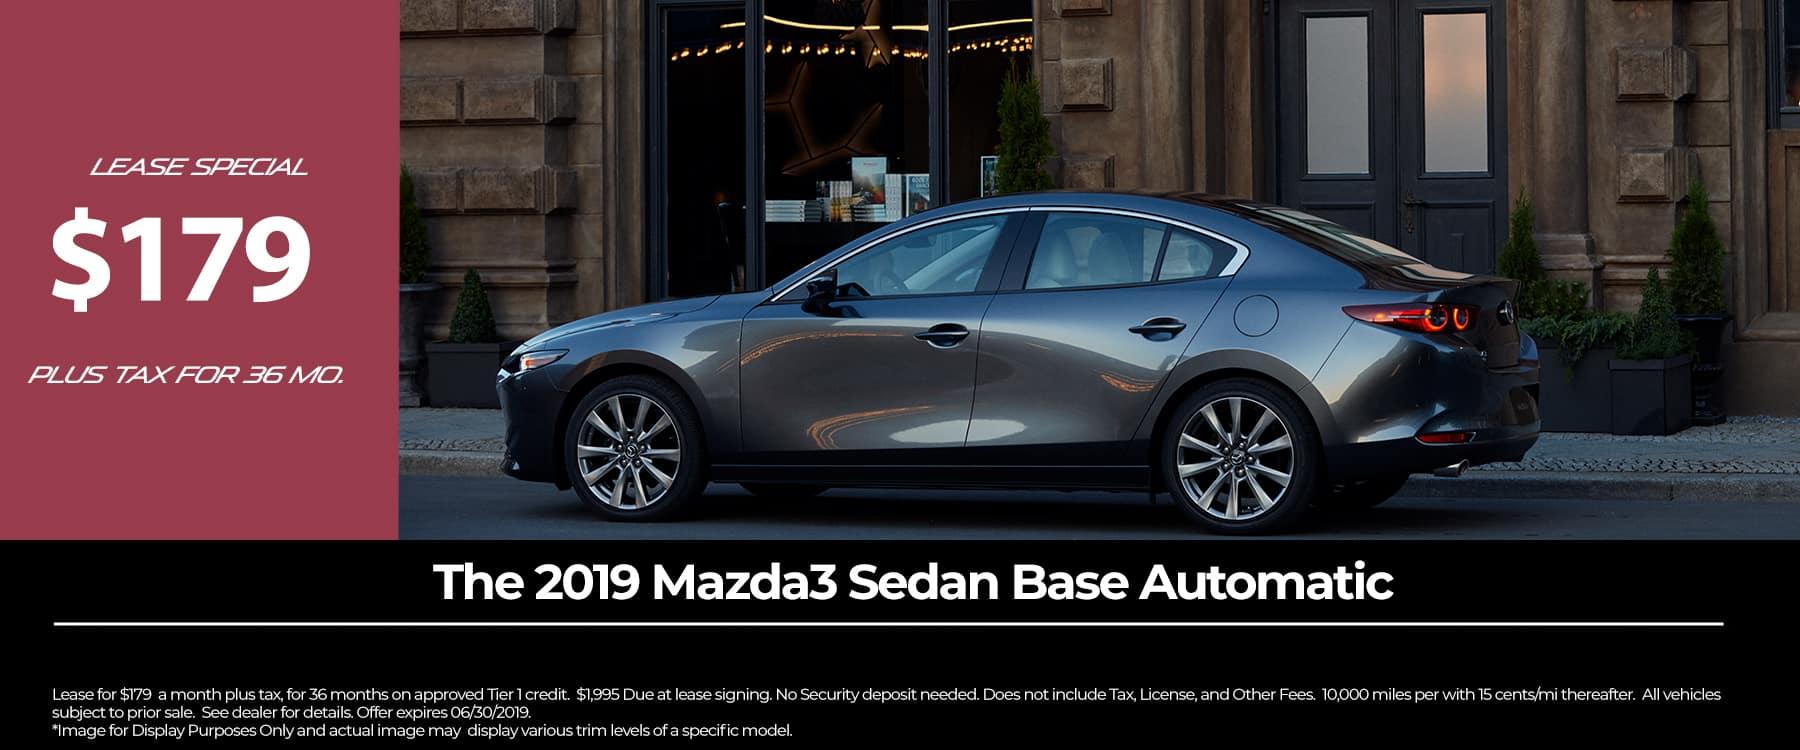 Spreen_Mazda3_Sedan_June